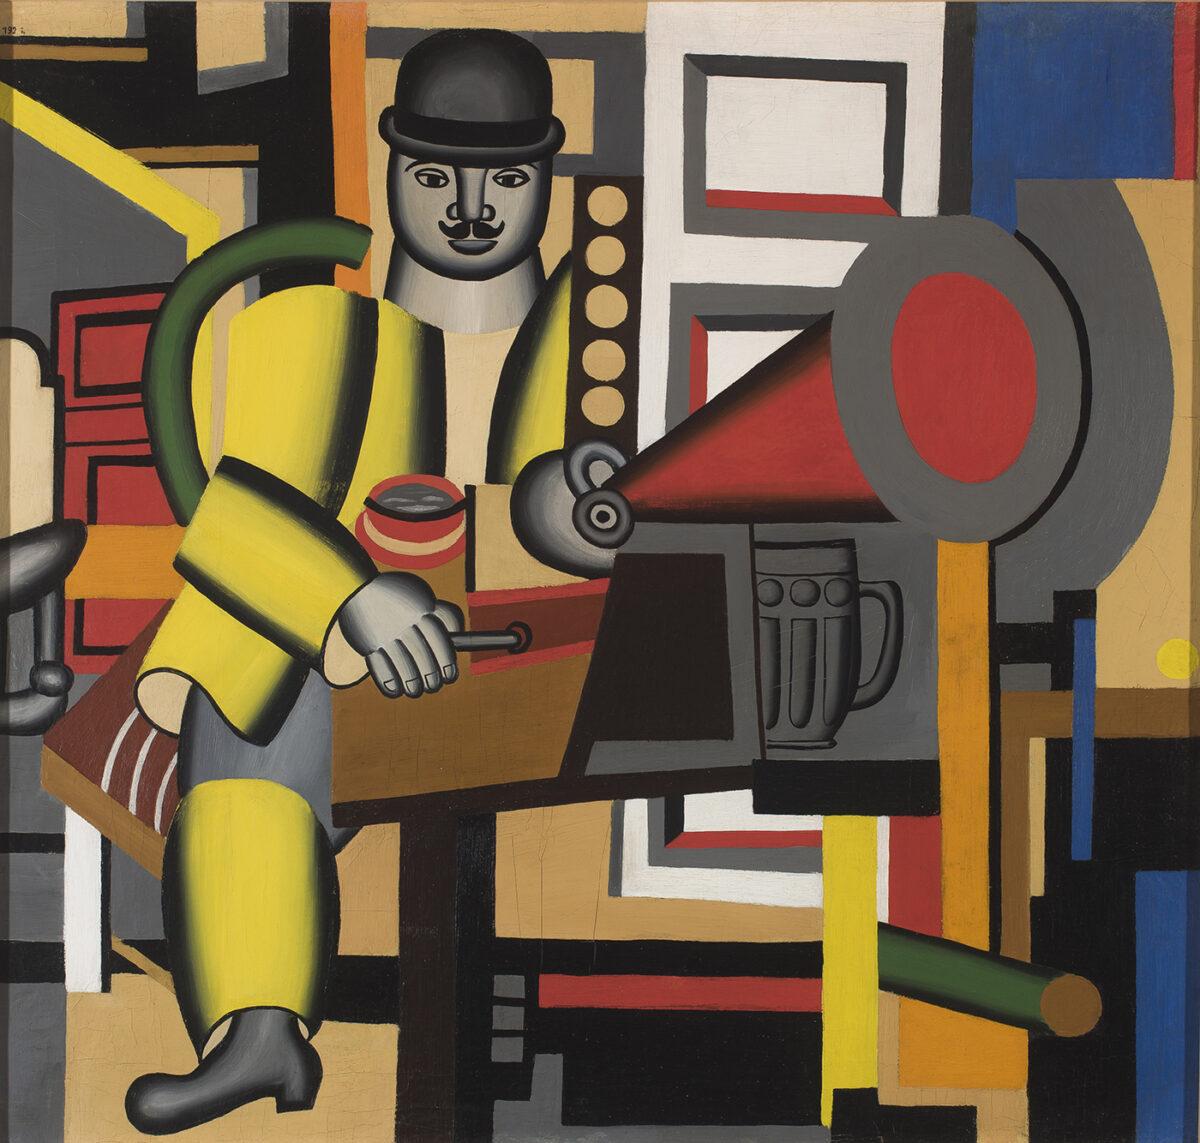 Obrazy nowoczesności, obrazy getta